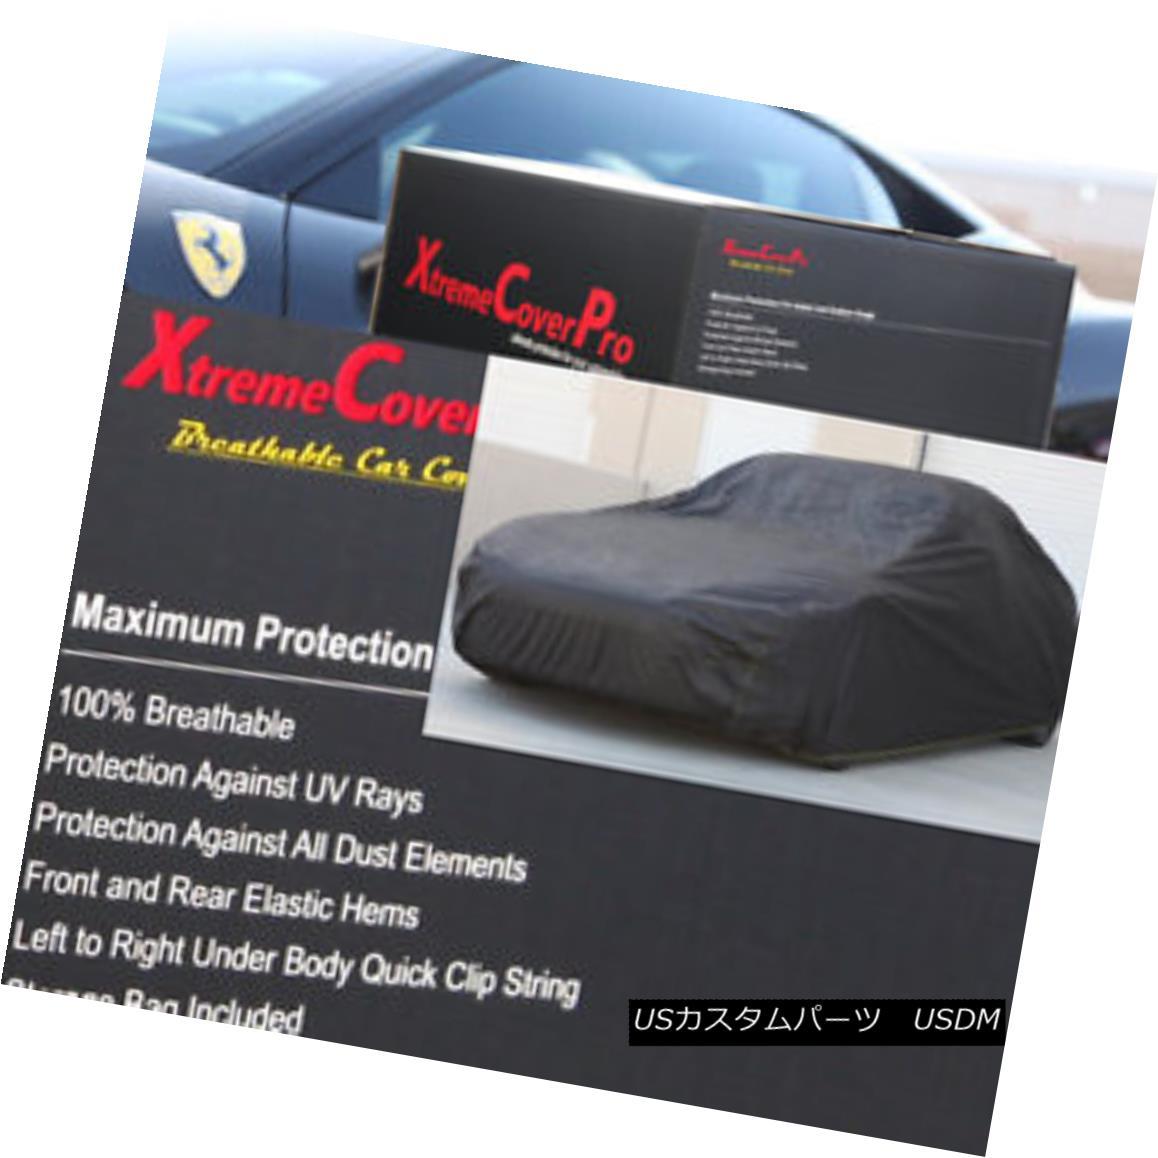 カーカバー 1999 2000 2001 2002 Suzuki Esteem Breathable Car Cover Breathable Car Cover 1999年2000 2001年2002年スズキエスティメム通気性車カバー通気性車カバー